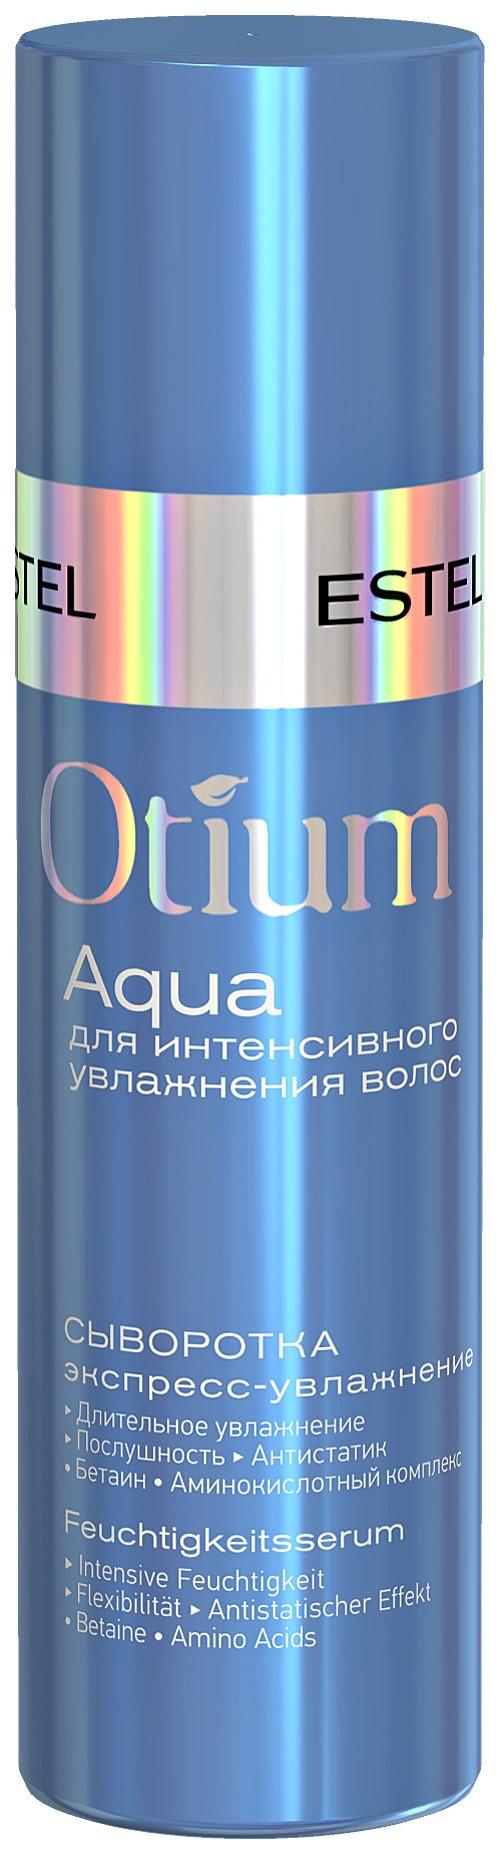 Сыворотка для волос Estel Professional Otium Aqua Экспресс-увлажнение 100 мл фото